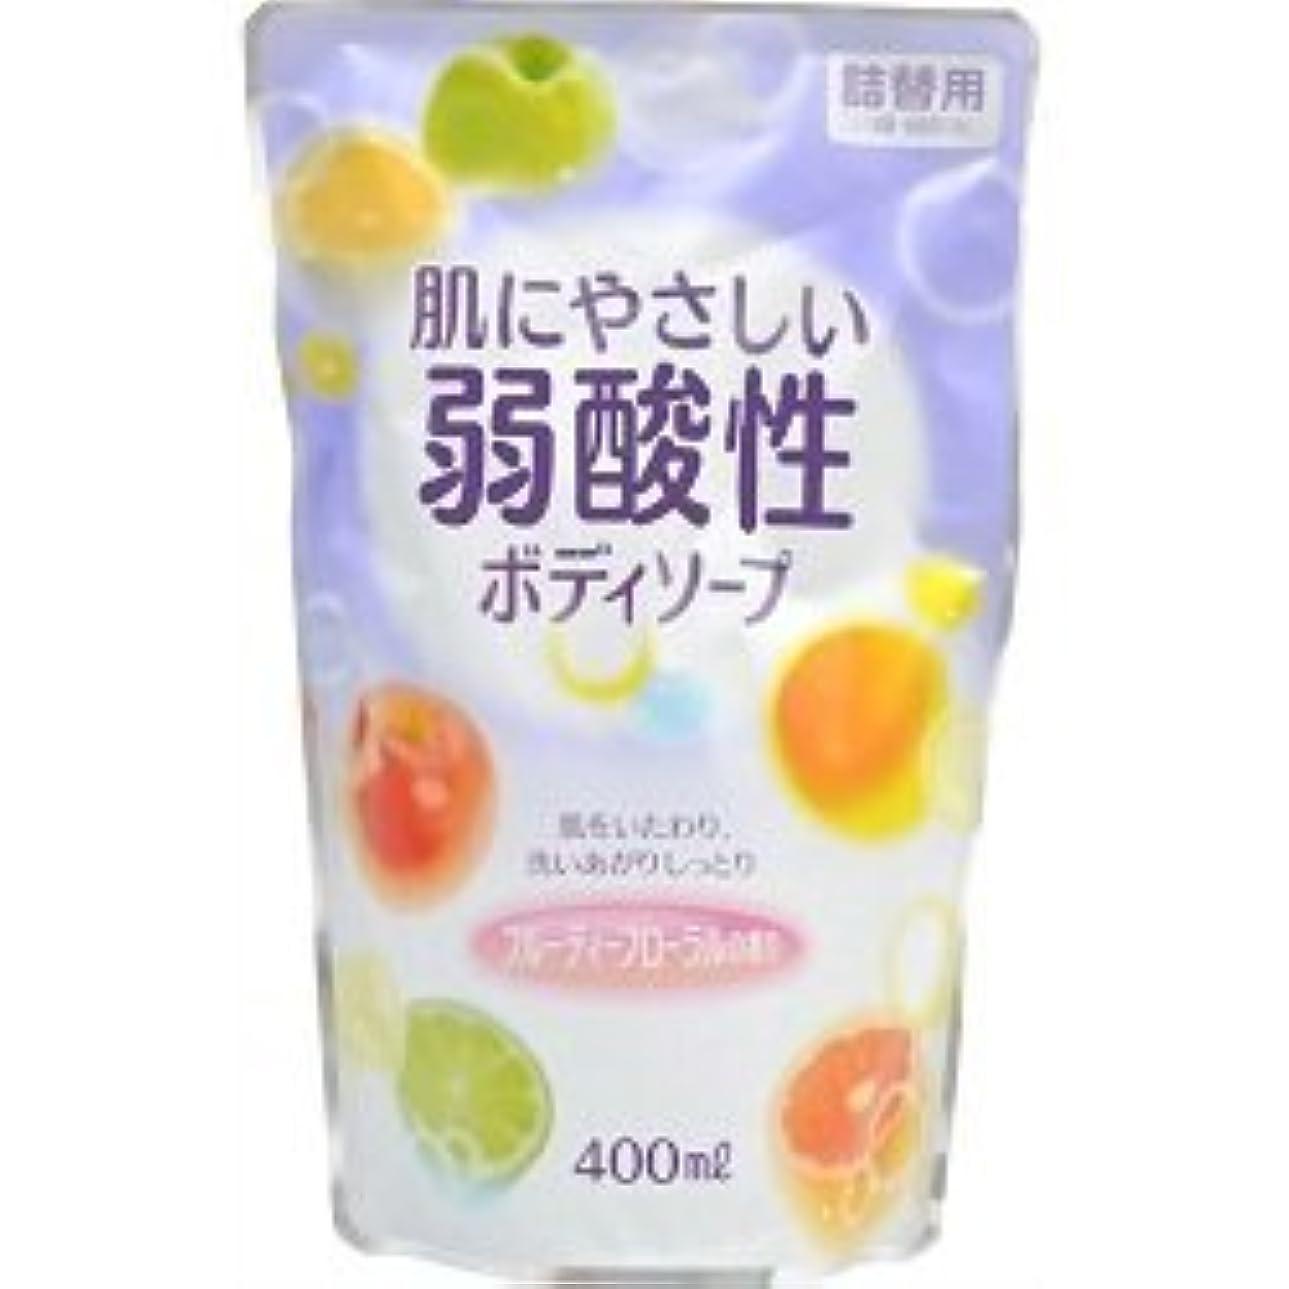 【エオリア】弱酸性ボディソープ フルーティフローラルの香り 詰替用 400ml ×5個セット